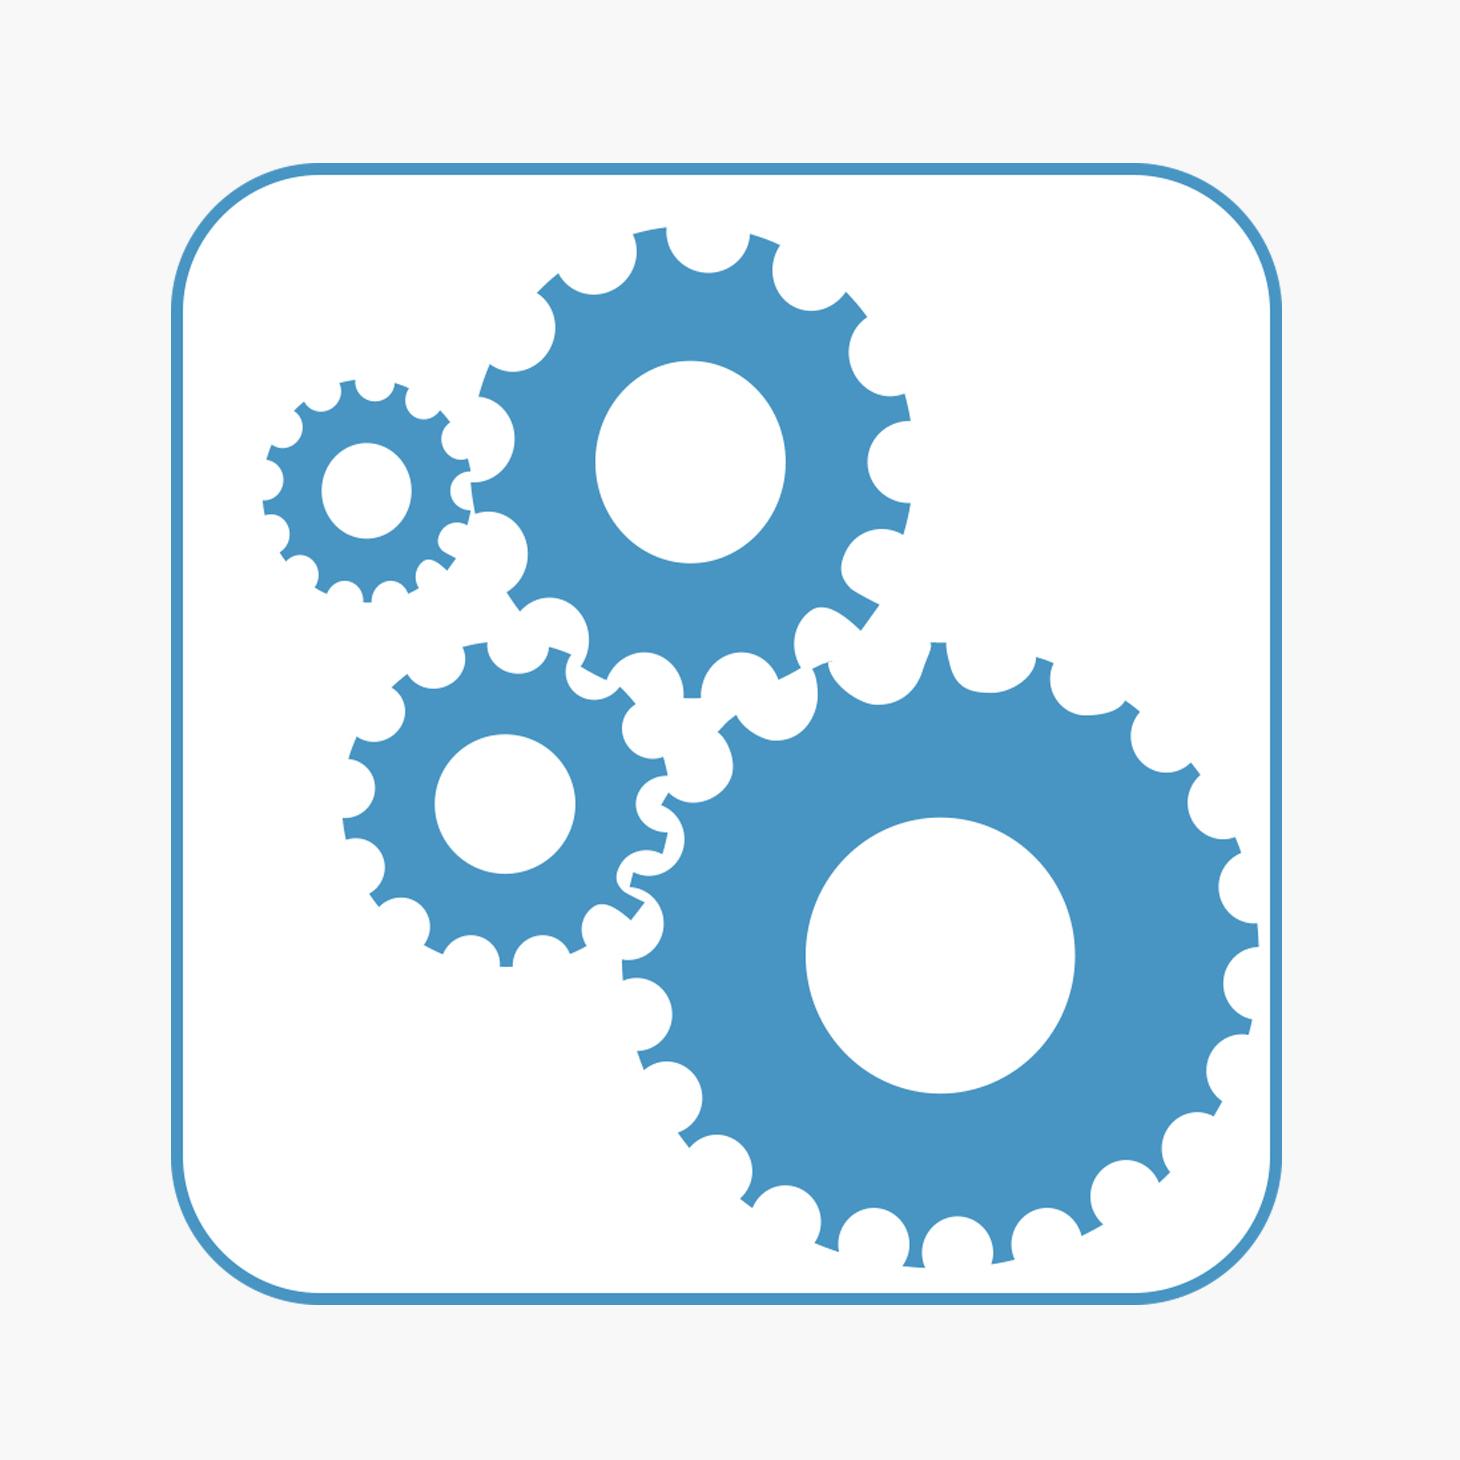 Логотип / иконка сервиса управления проектами / задачами фото f_9095975b1ddb4a28.jpg